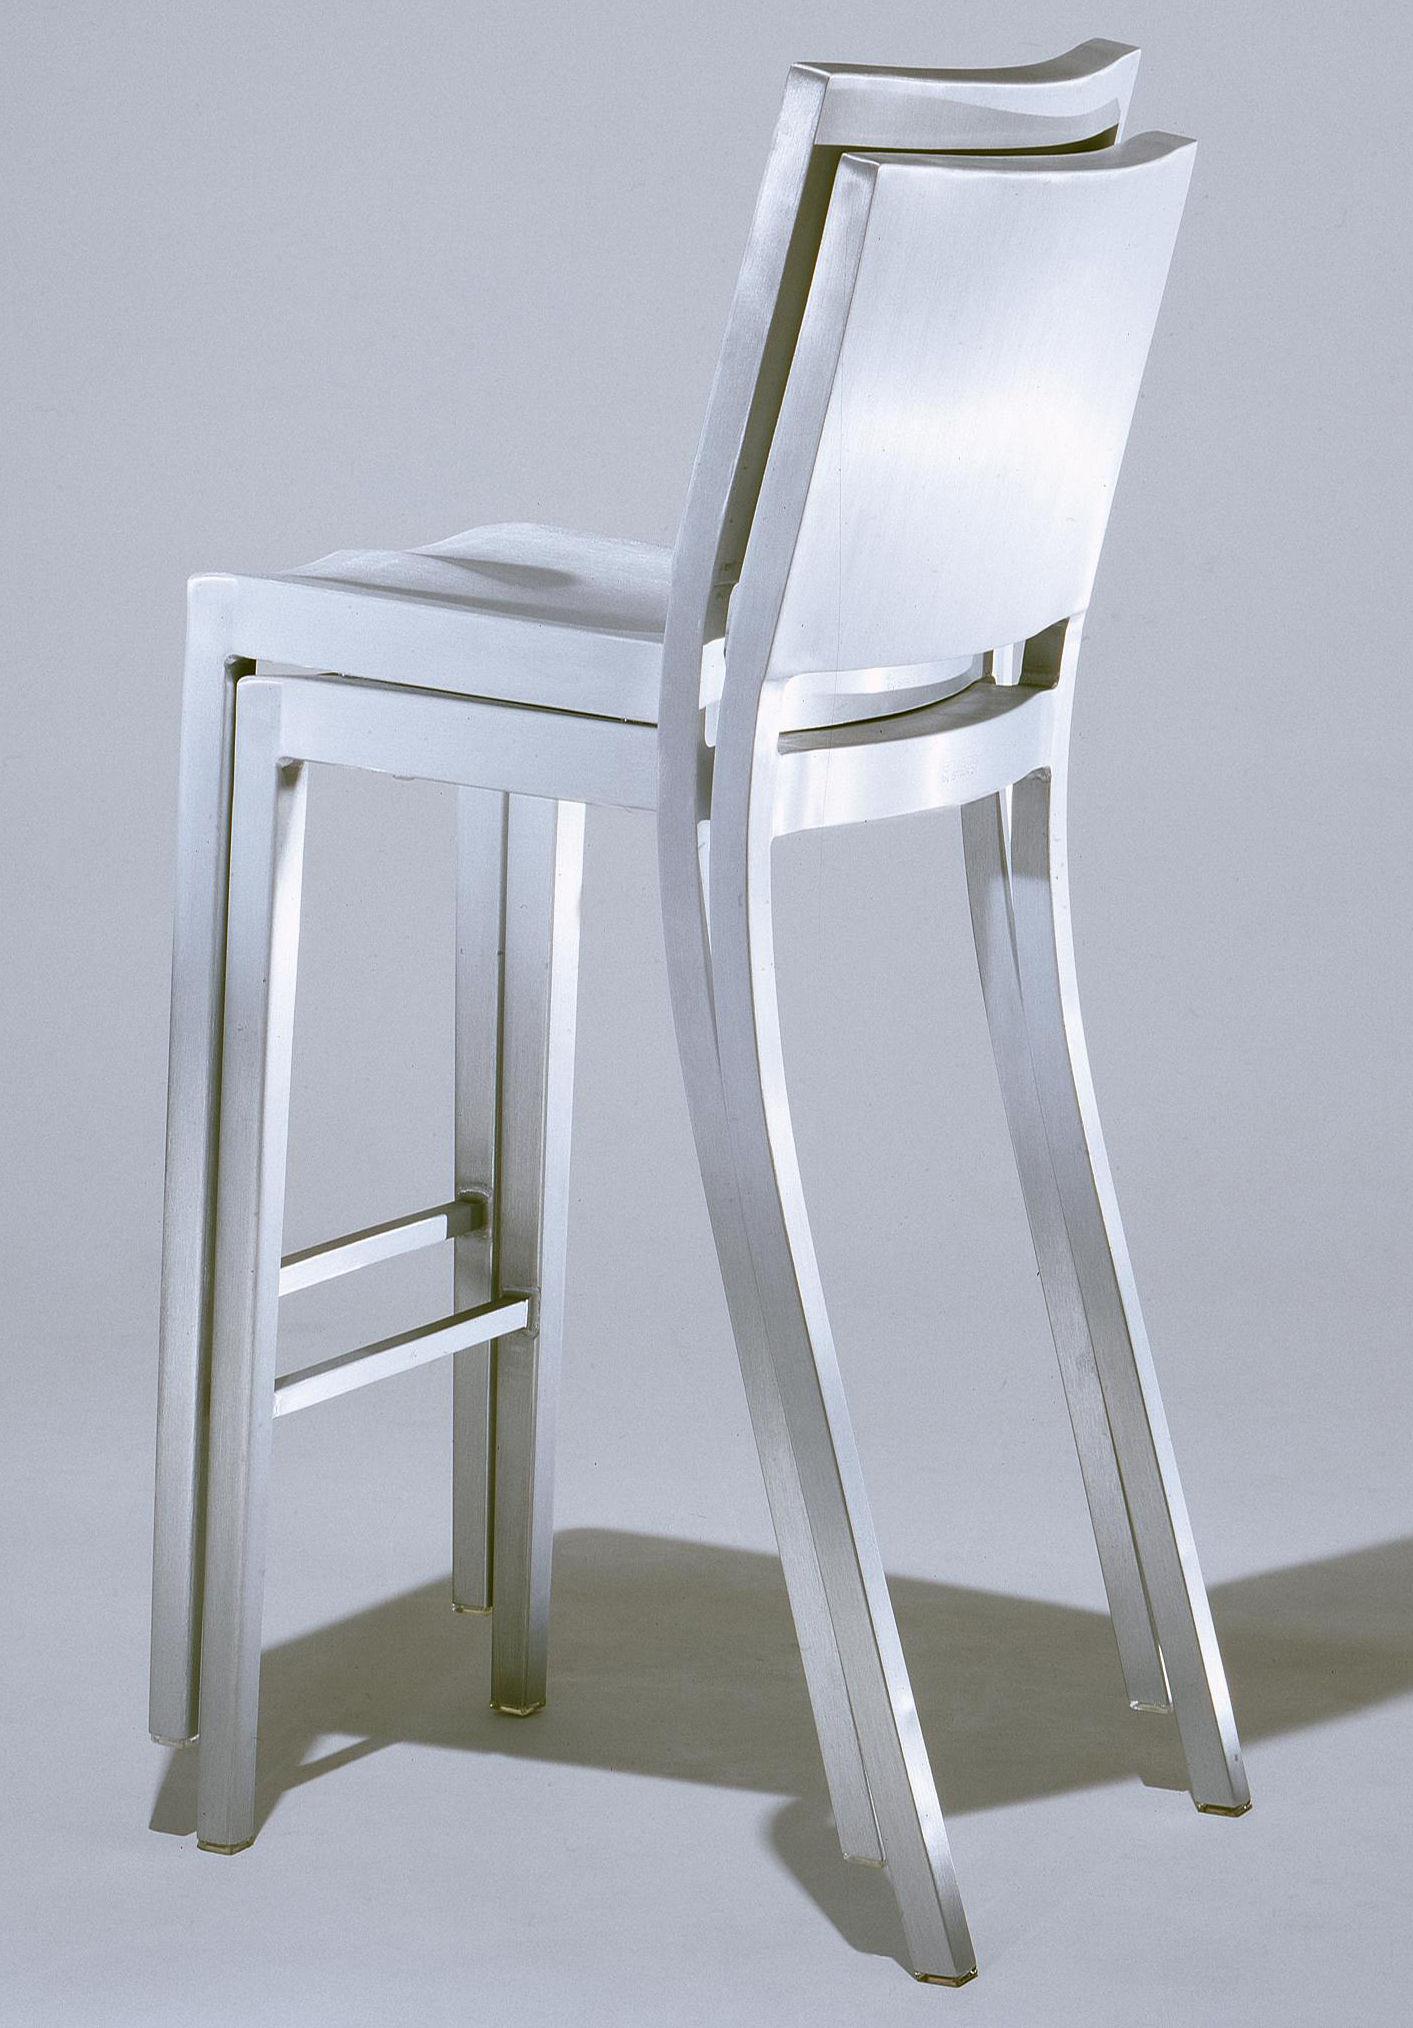 Chaise De Bar Hudson Stool H 75 Cm M 233 Tal Aluminium